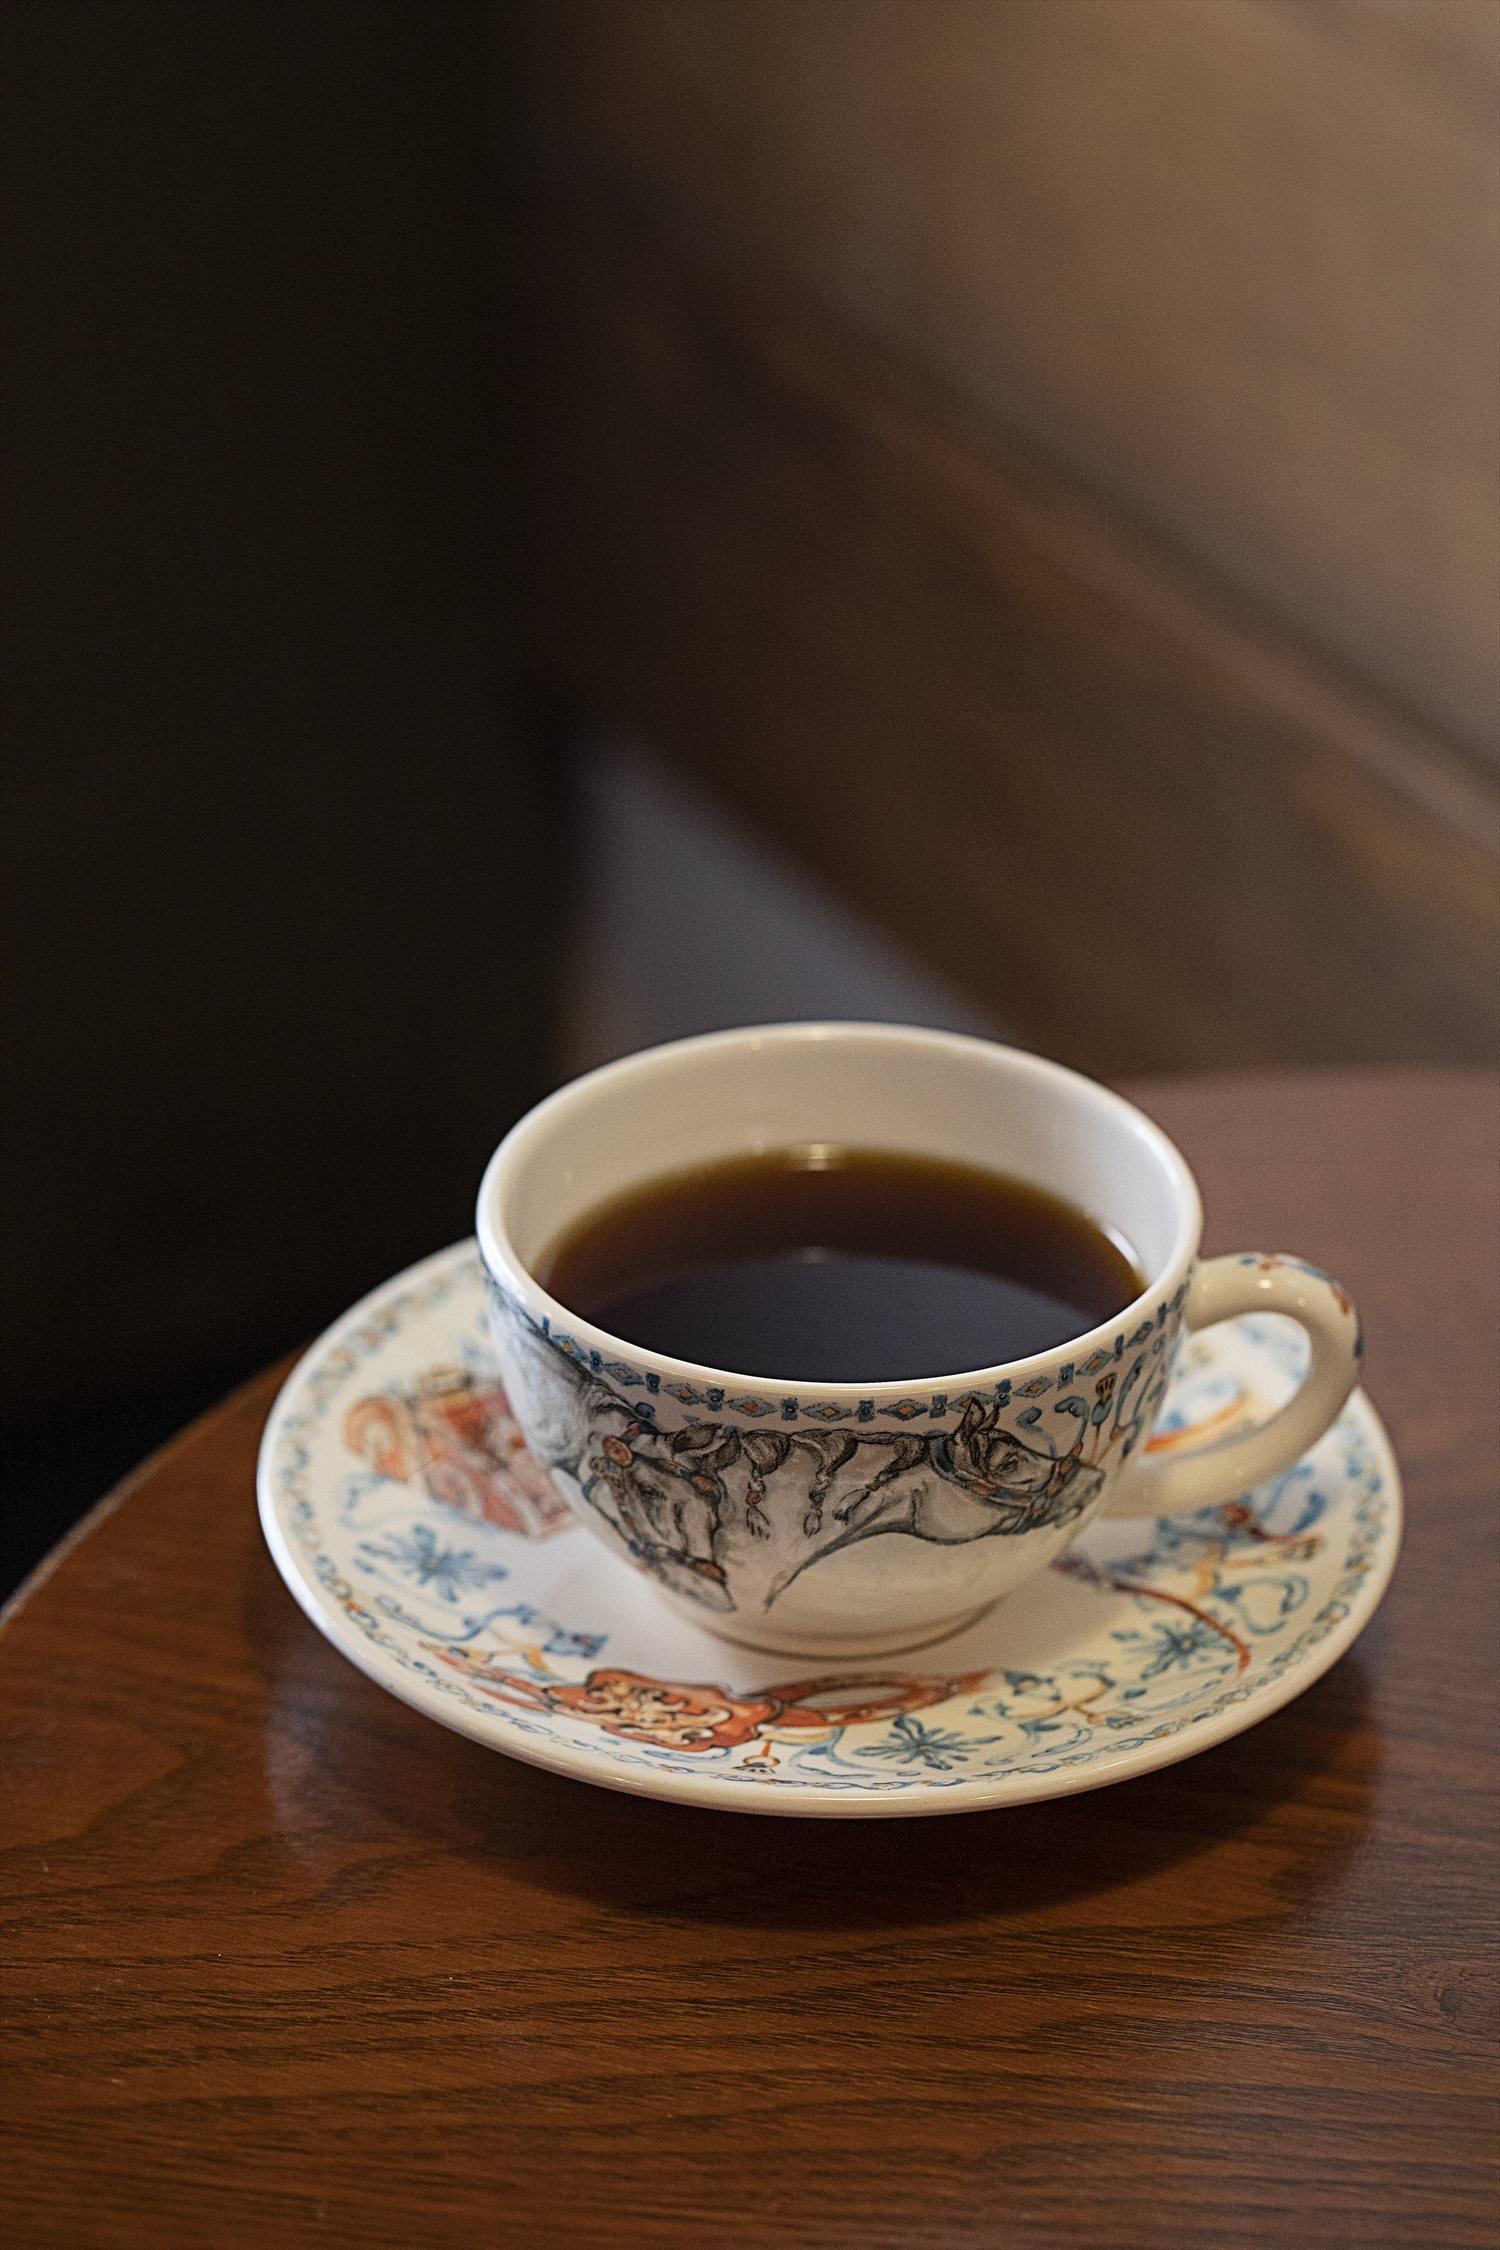 カップはフランスのジアン社製。ドリップコーヒー 280円(10時~は350円)。